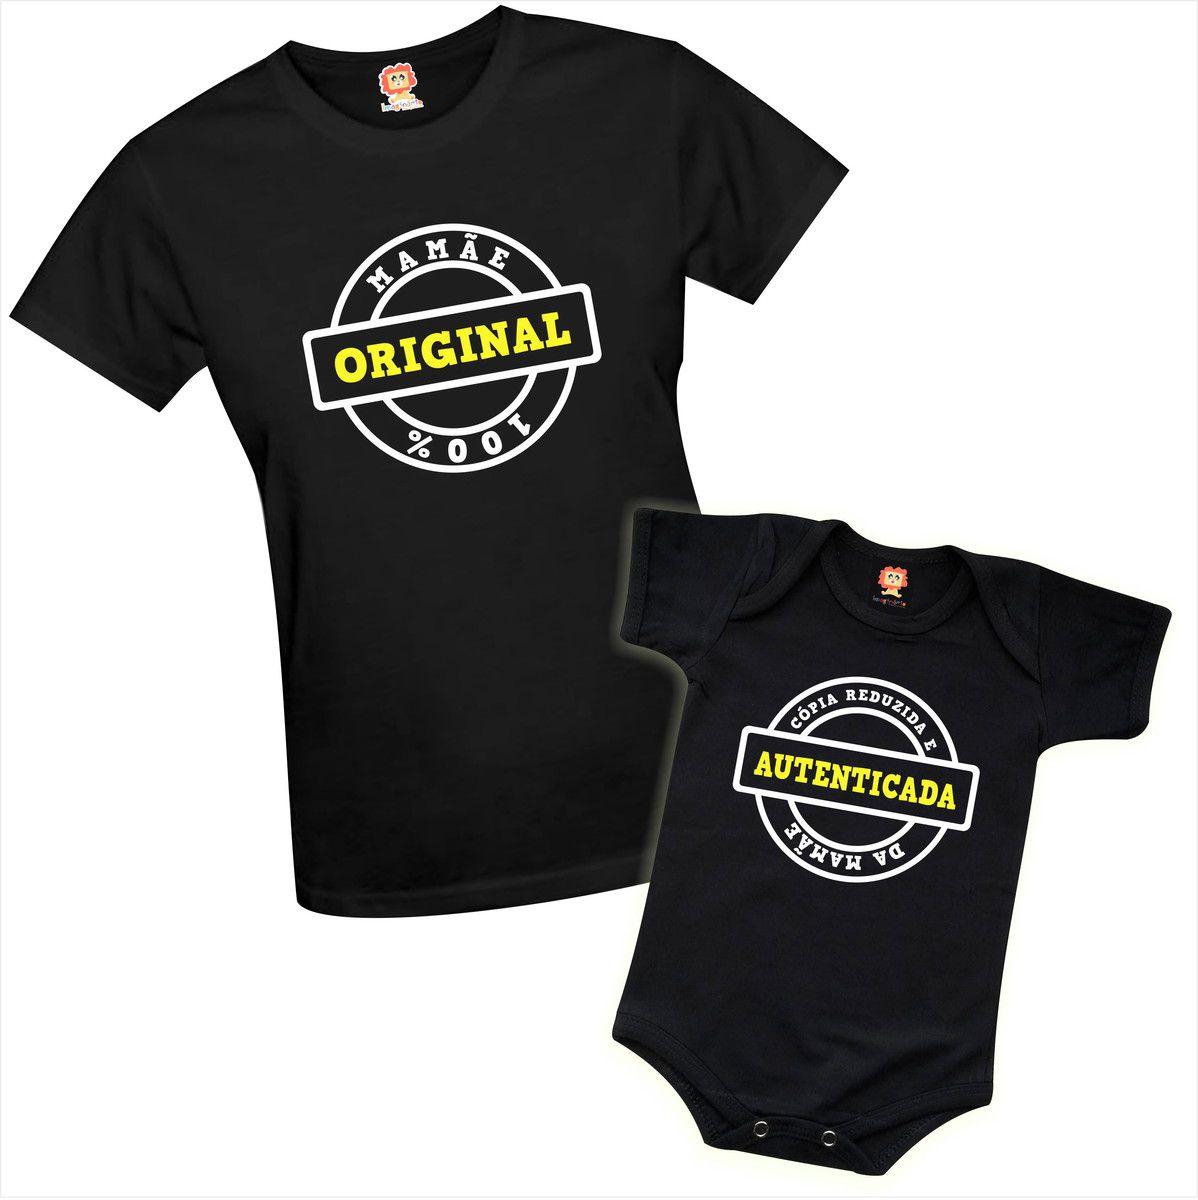 Kit Camiseta e Body Original e Cópia Dia Das Mães